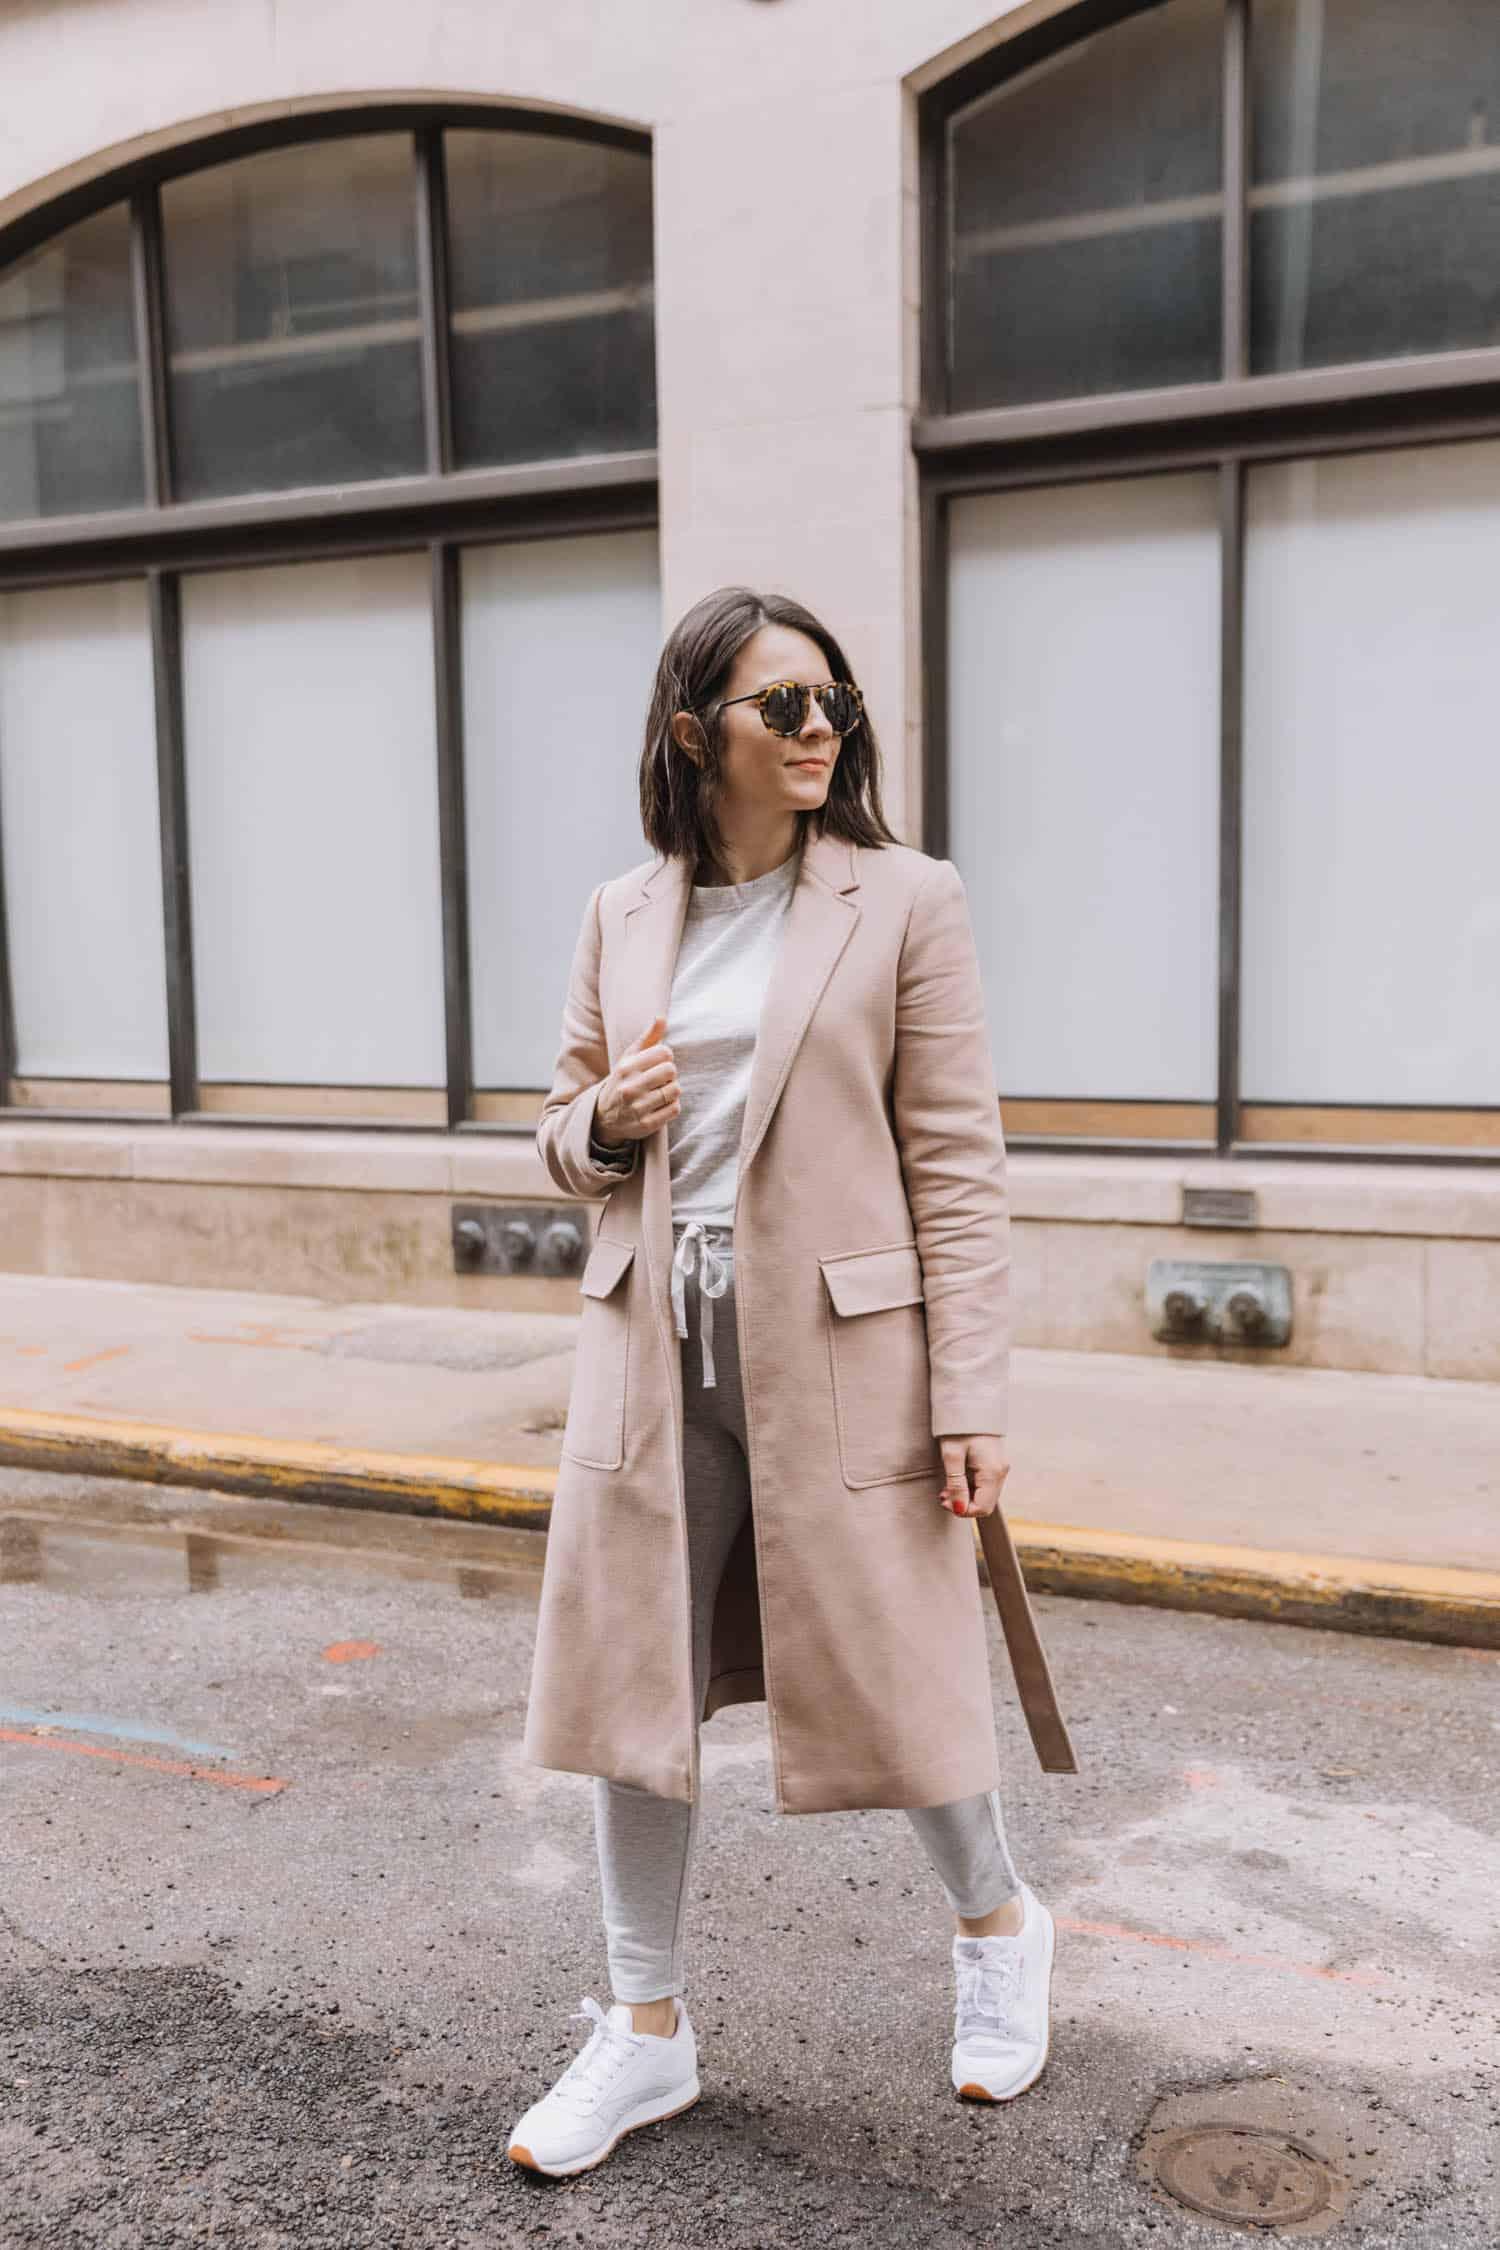 Tips To Wearing Loungewear In Public